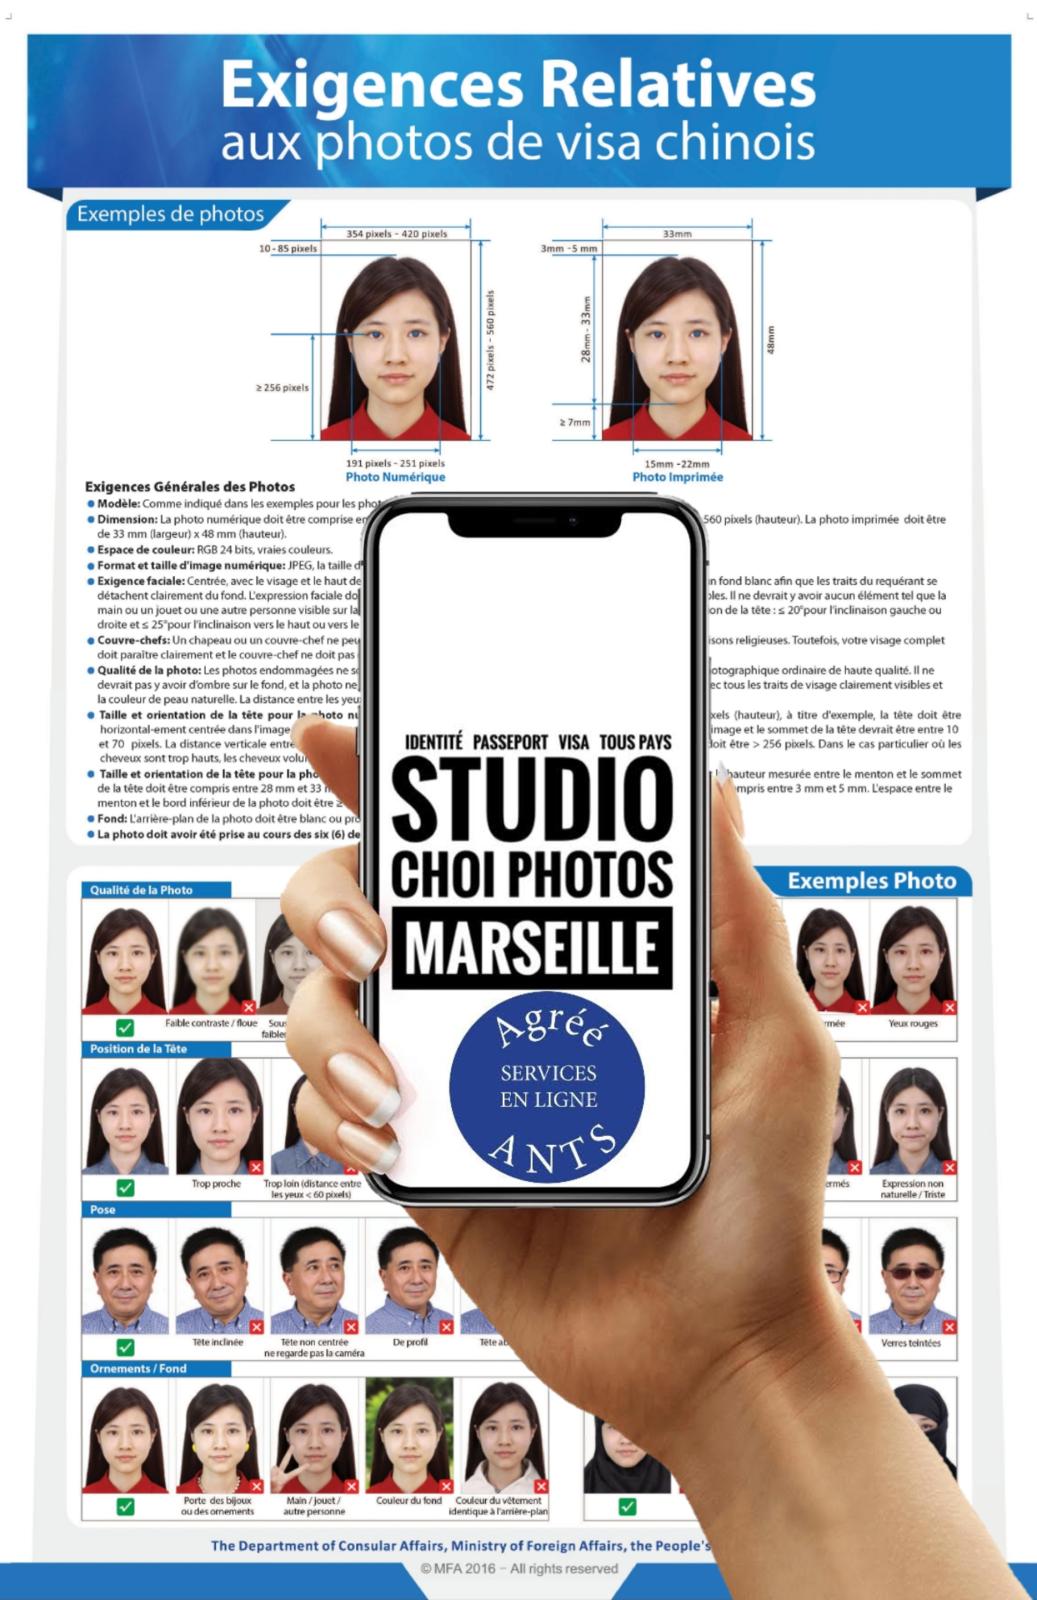 Le Studio Choi Photos est le spécialiste à Marseille de la photo d'identité pour le visa et le passeport pour la Chine